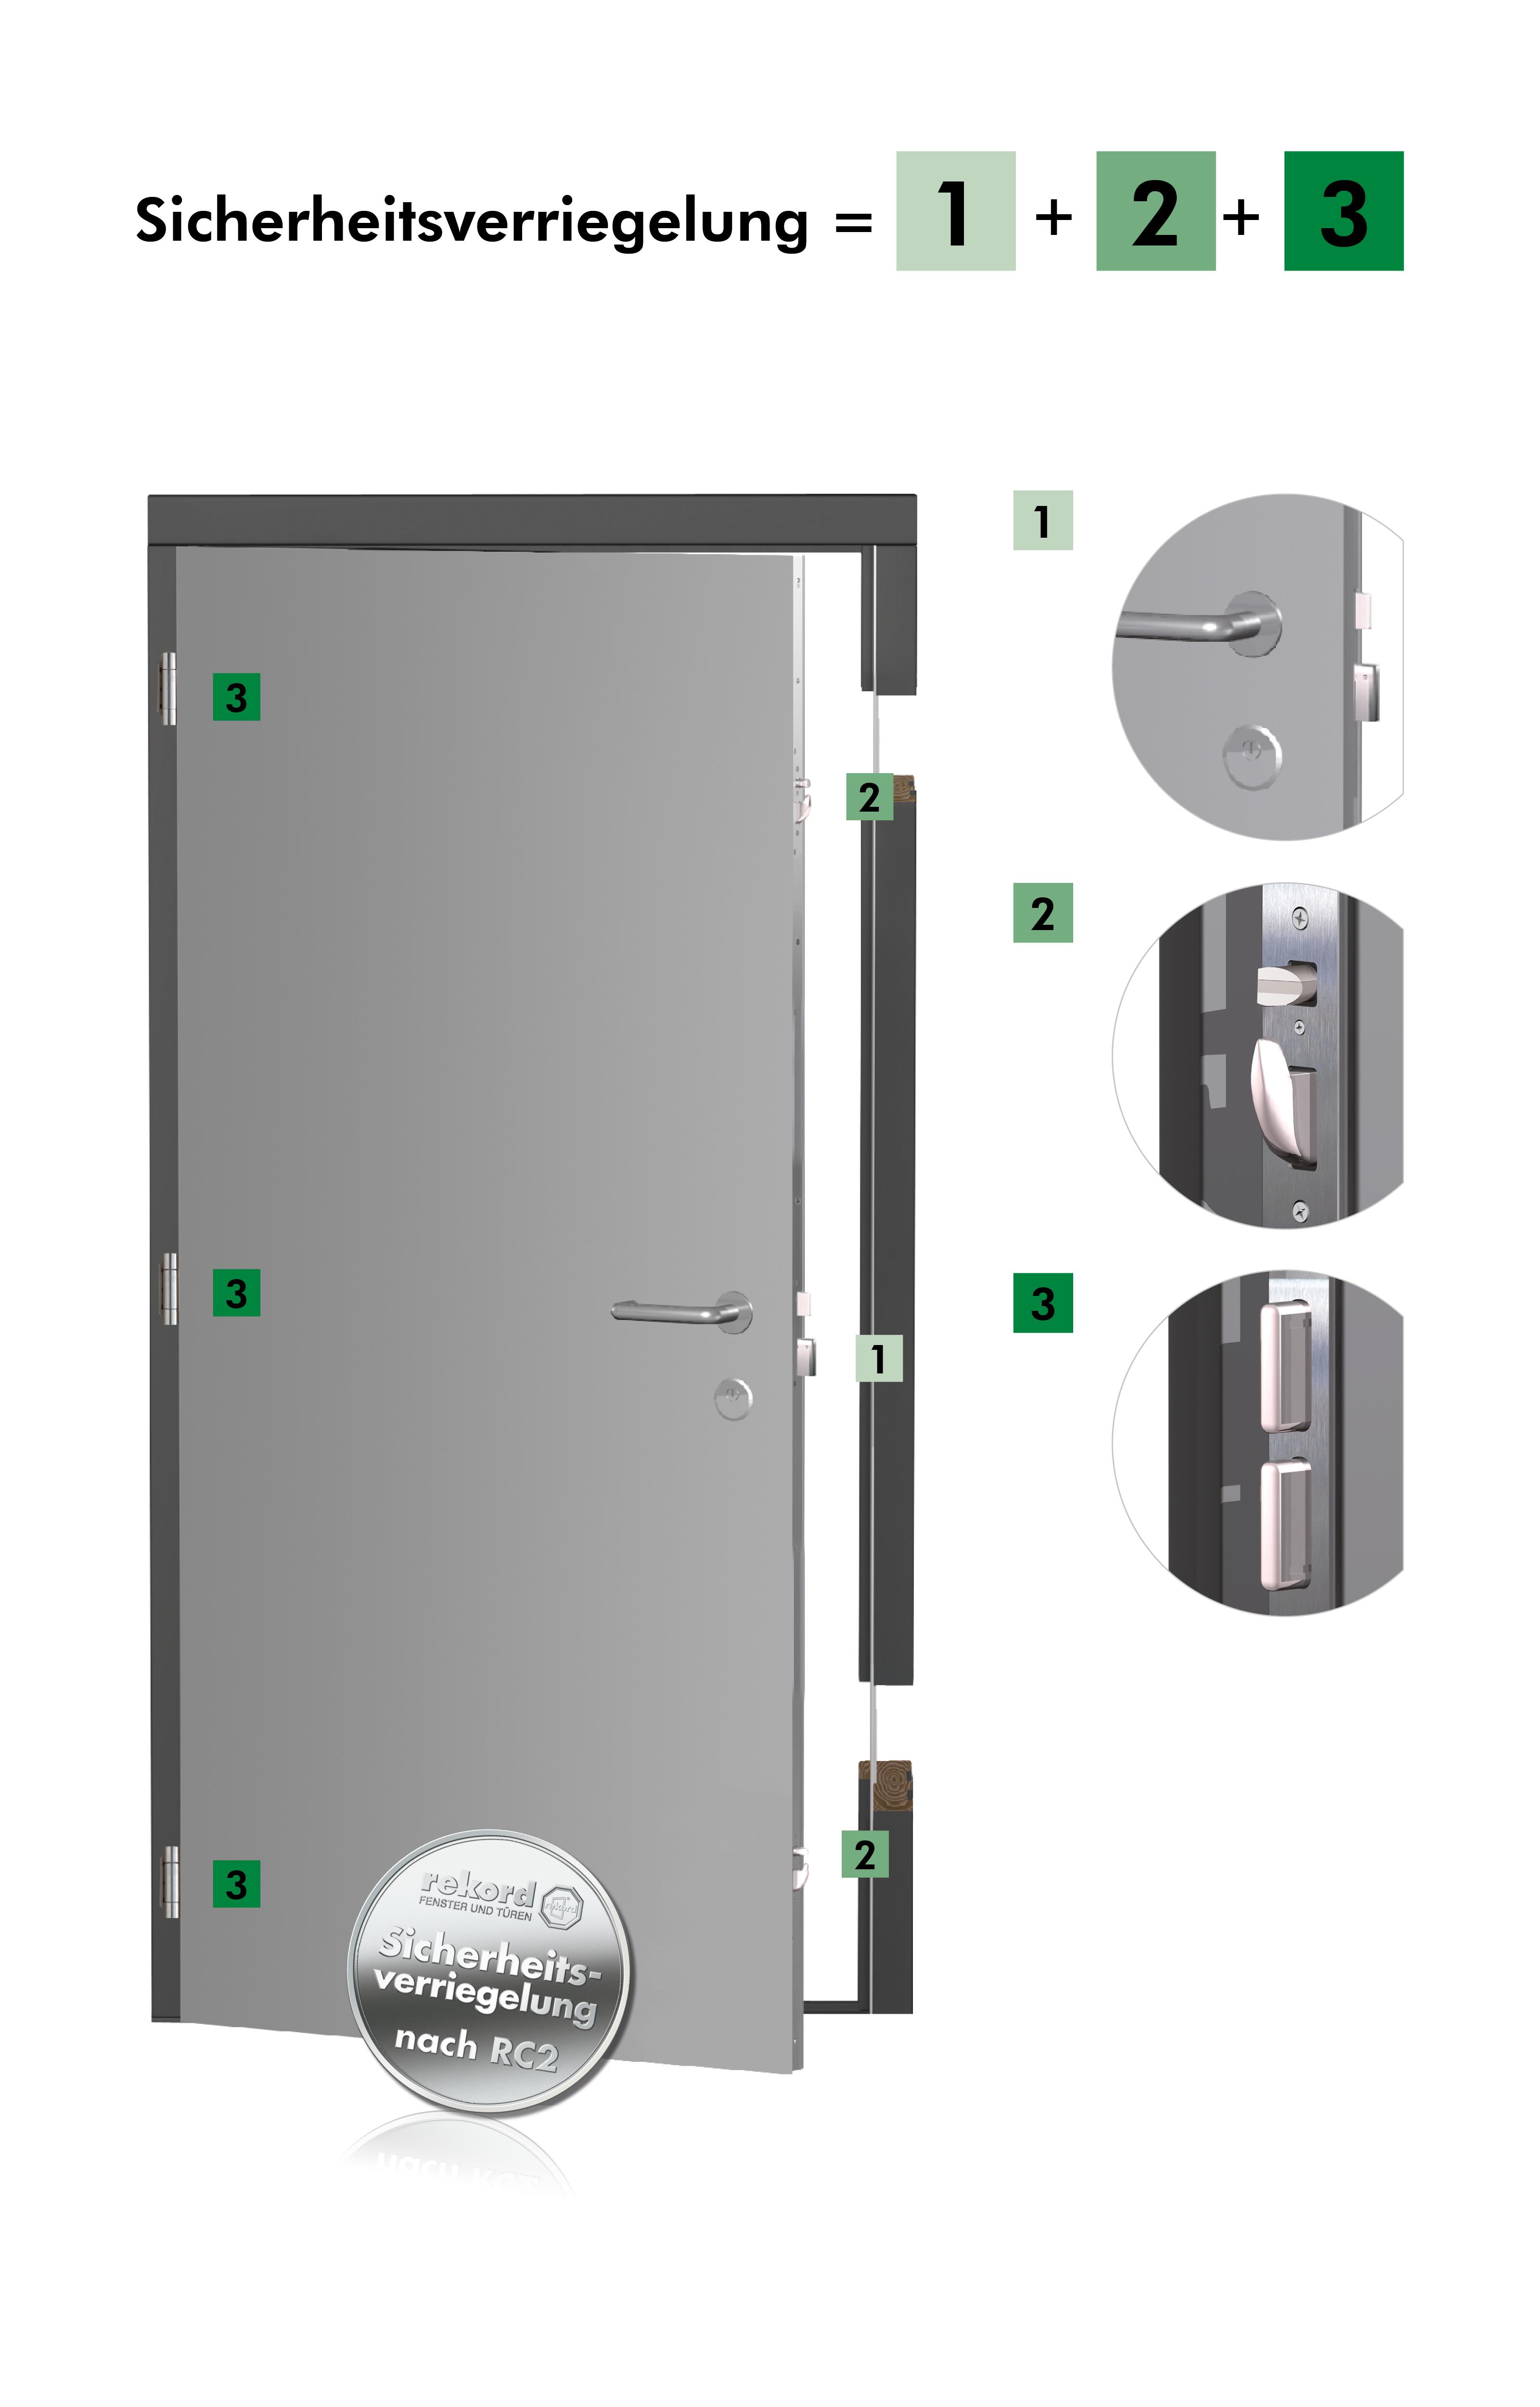 rekord-Sicherheitsverriegelung – Verriegelungstechnik für RC2-Haustüren